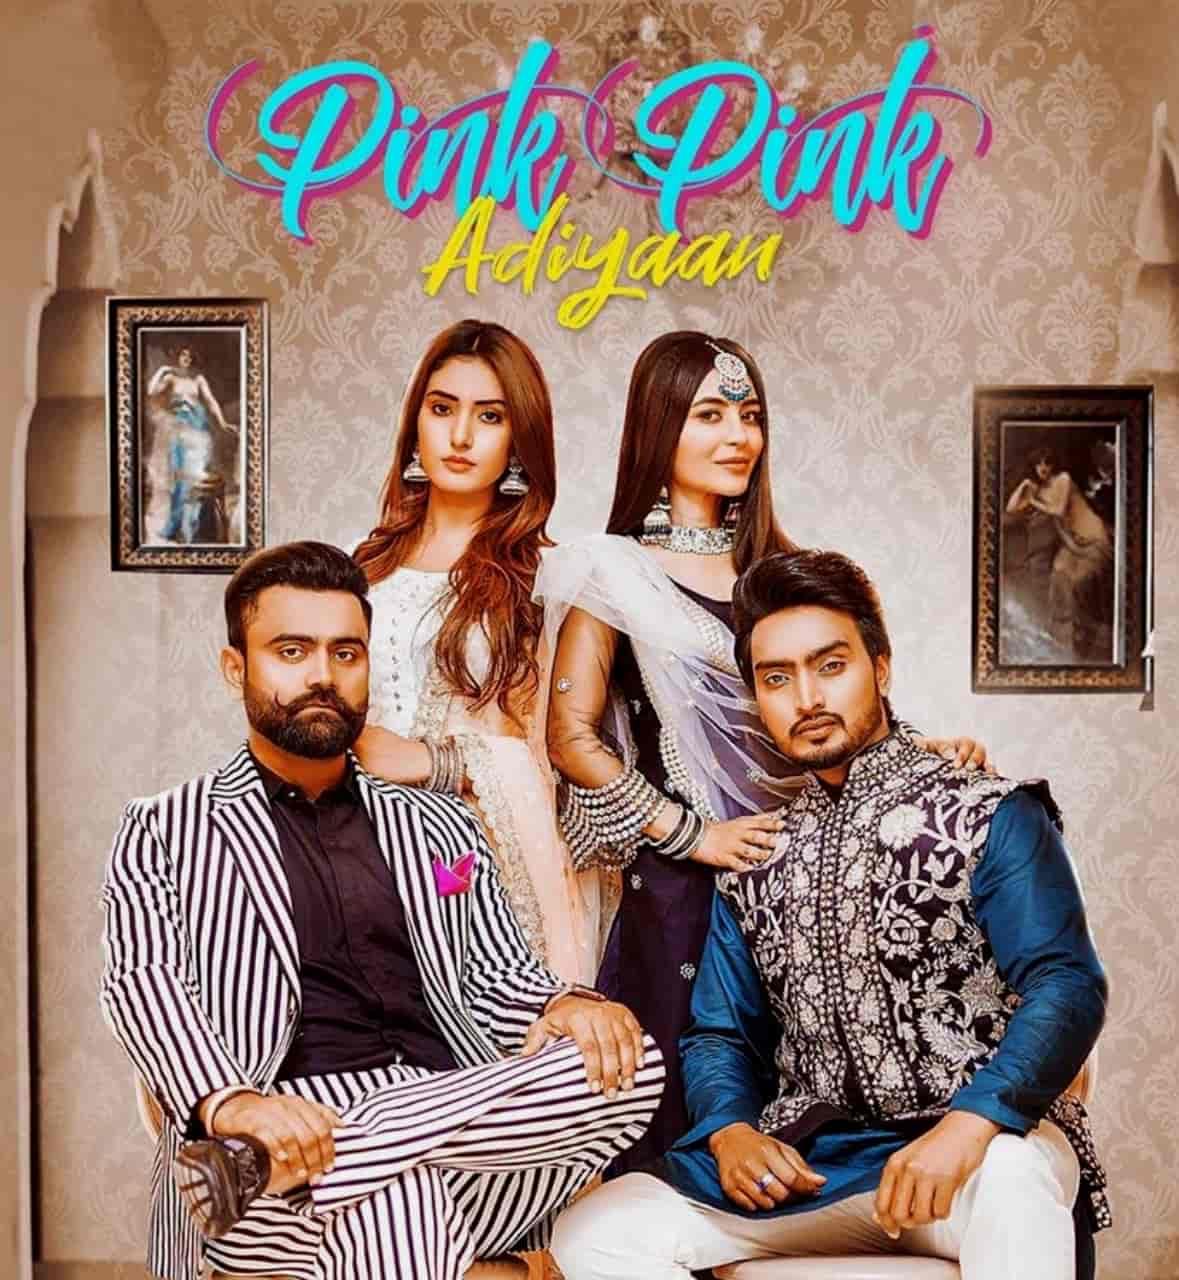 Pink Pink Addiyan Punjabi Song Images By Jigar